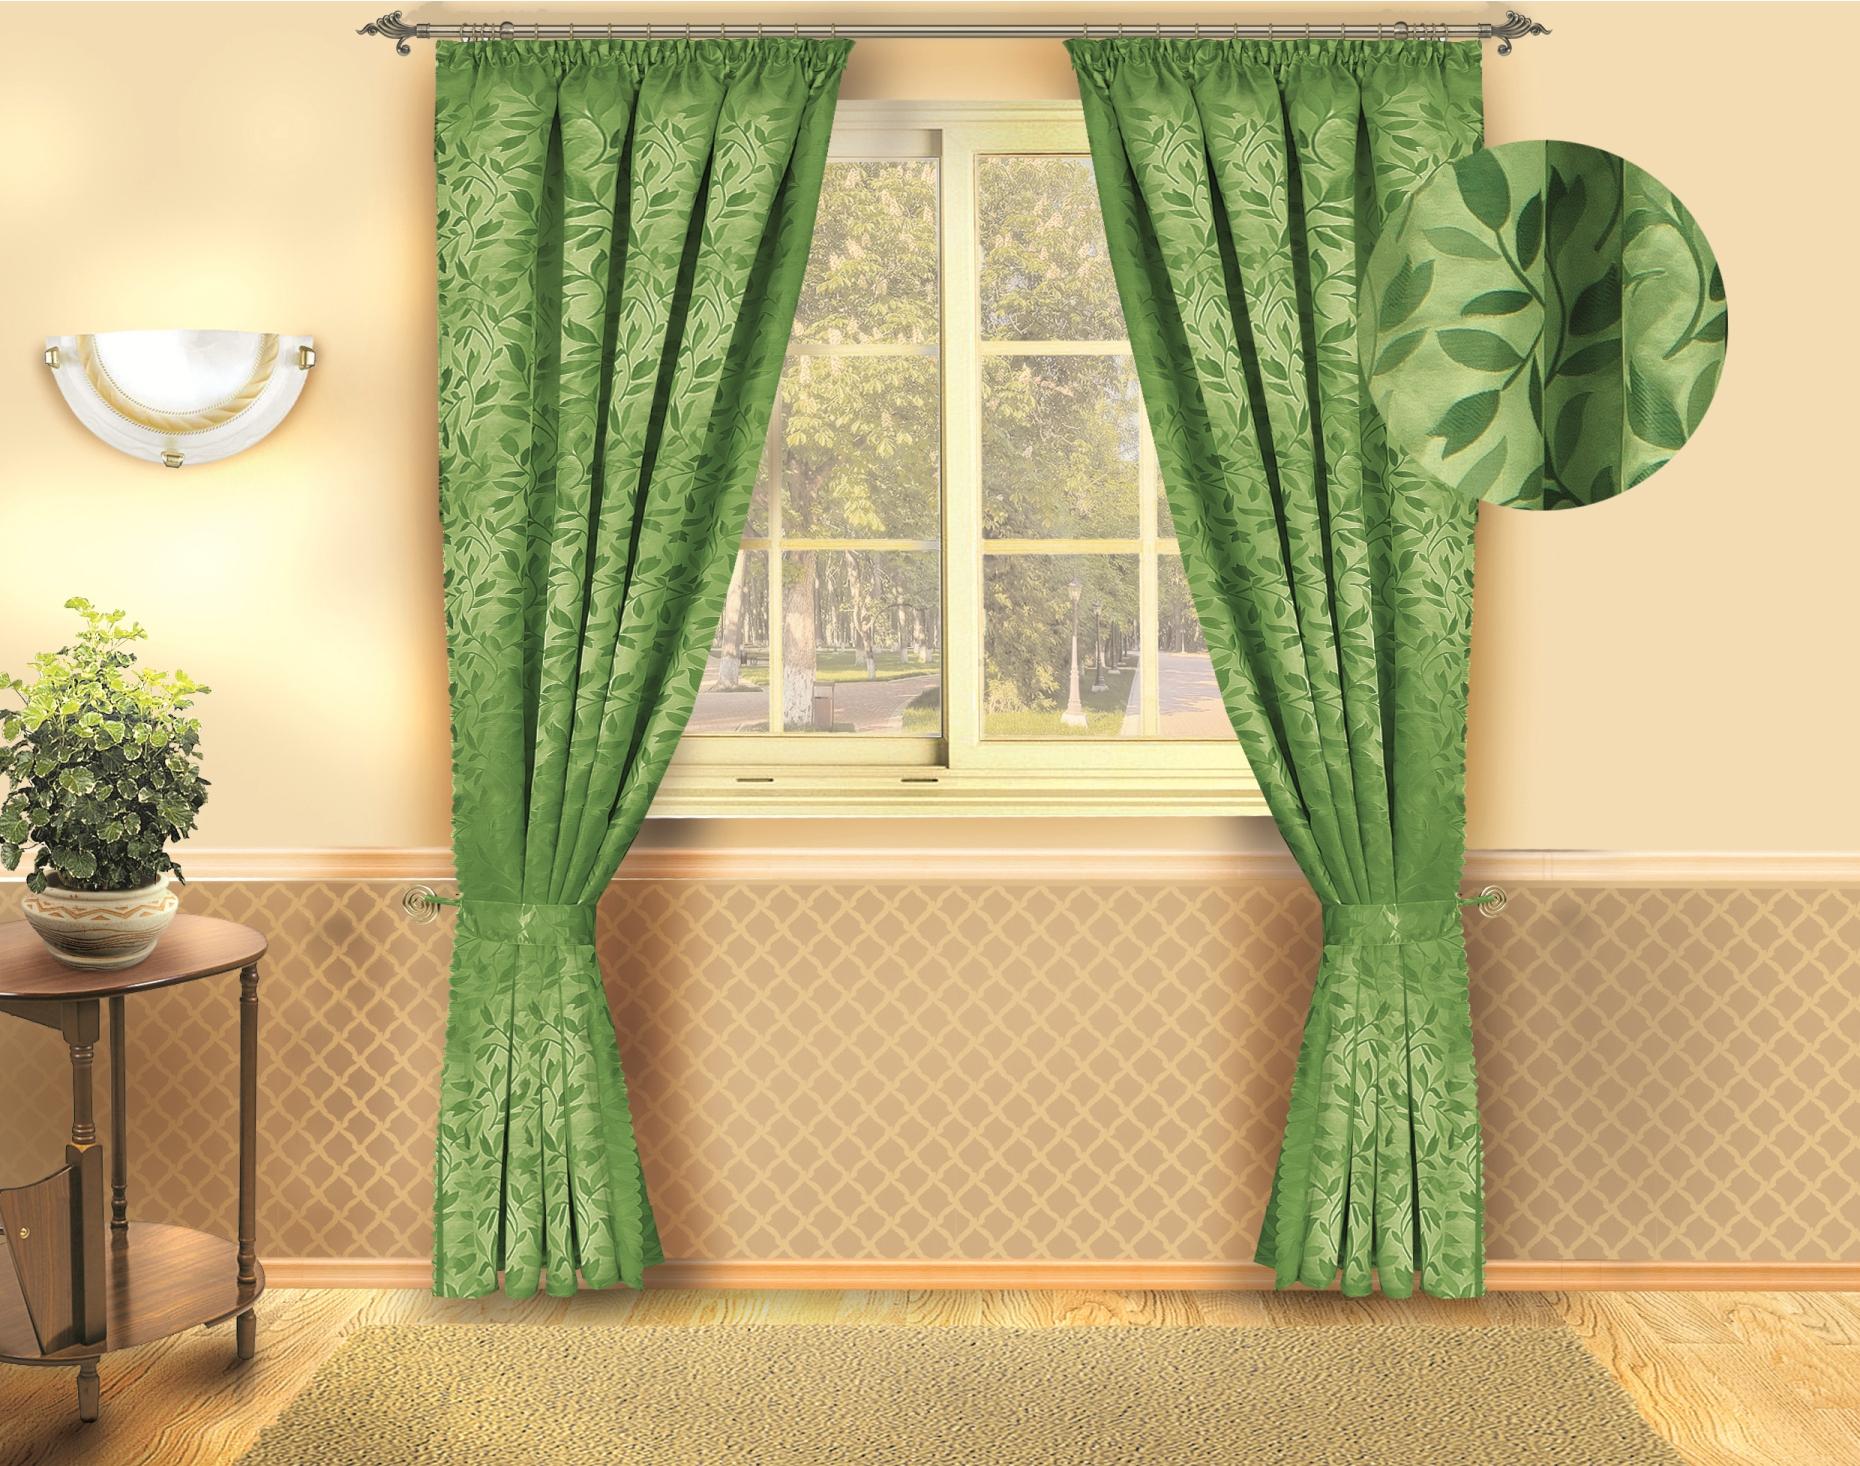 Комплект штор Zlata Korunka, цвет: зеленый, высота 250 см. Б132DAVC150Роскошный комплект штор Zlata Korunka, выполненный из полиэстера, великолепно украсит любое окно. Комплект состоит из двух штор. Изящный растительный рисунок и приятная цветовая гамма привлекут к себе внимание и органично впишутся в интерьер помещения.Этот комплект будет долгое время радовать вас и вашу семью!В комплект входит: Штора: 2 шт. Размер (Ш х В): 140 см х 250 см.